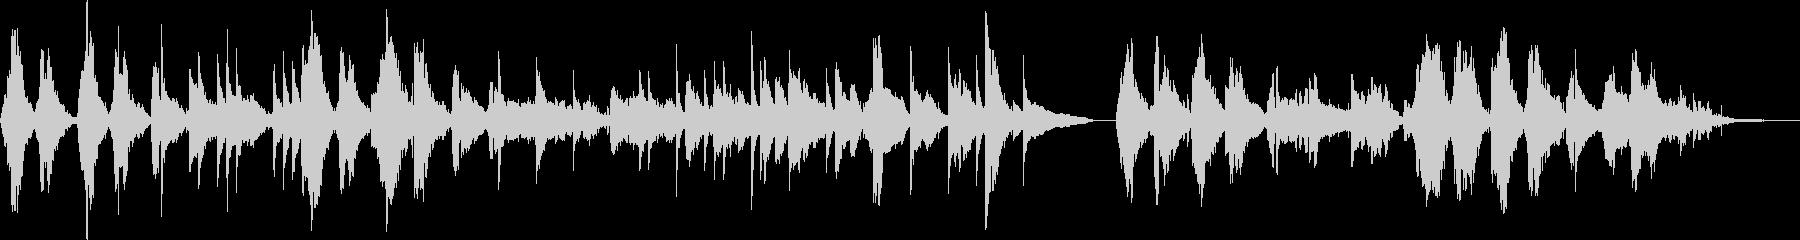 ハードボイルド・バー(トランペット)の未再生の波形